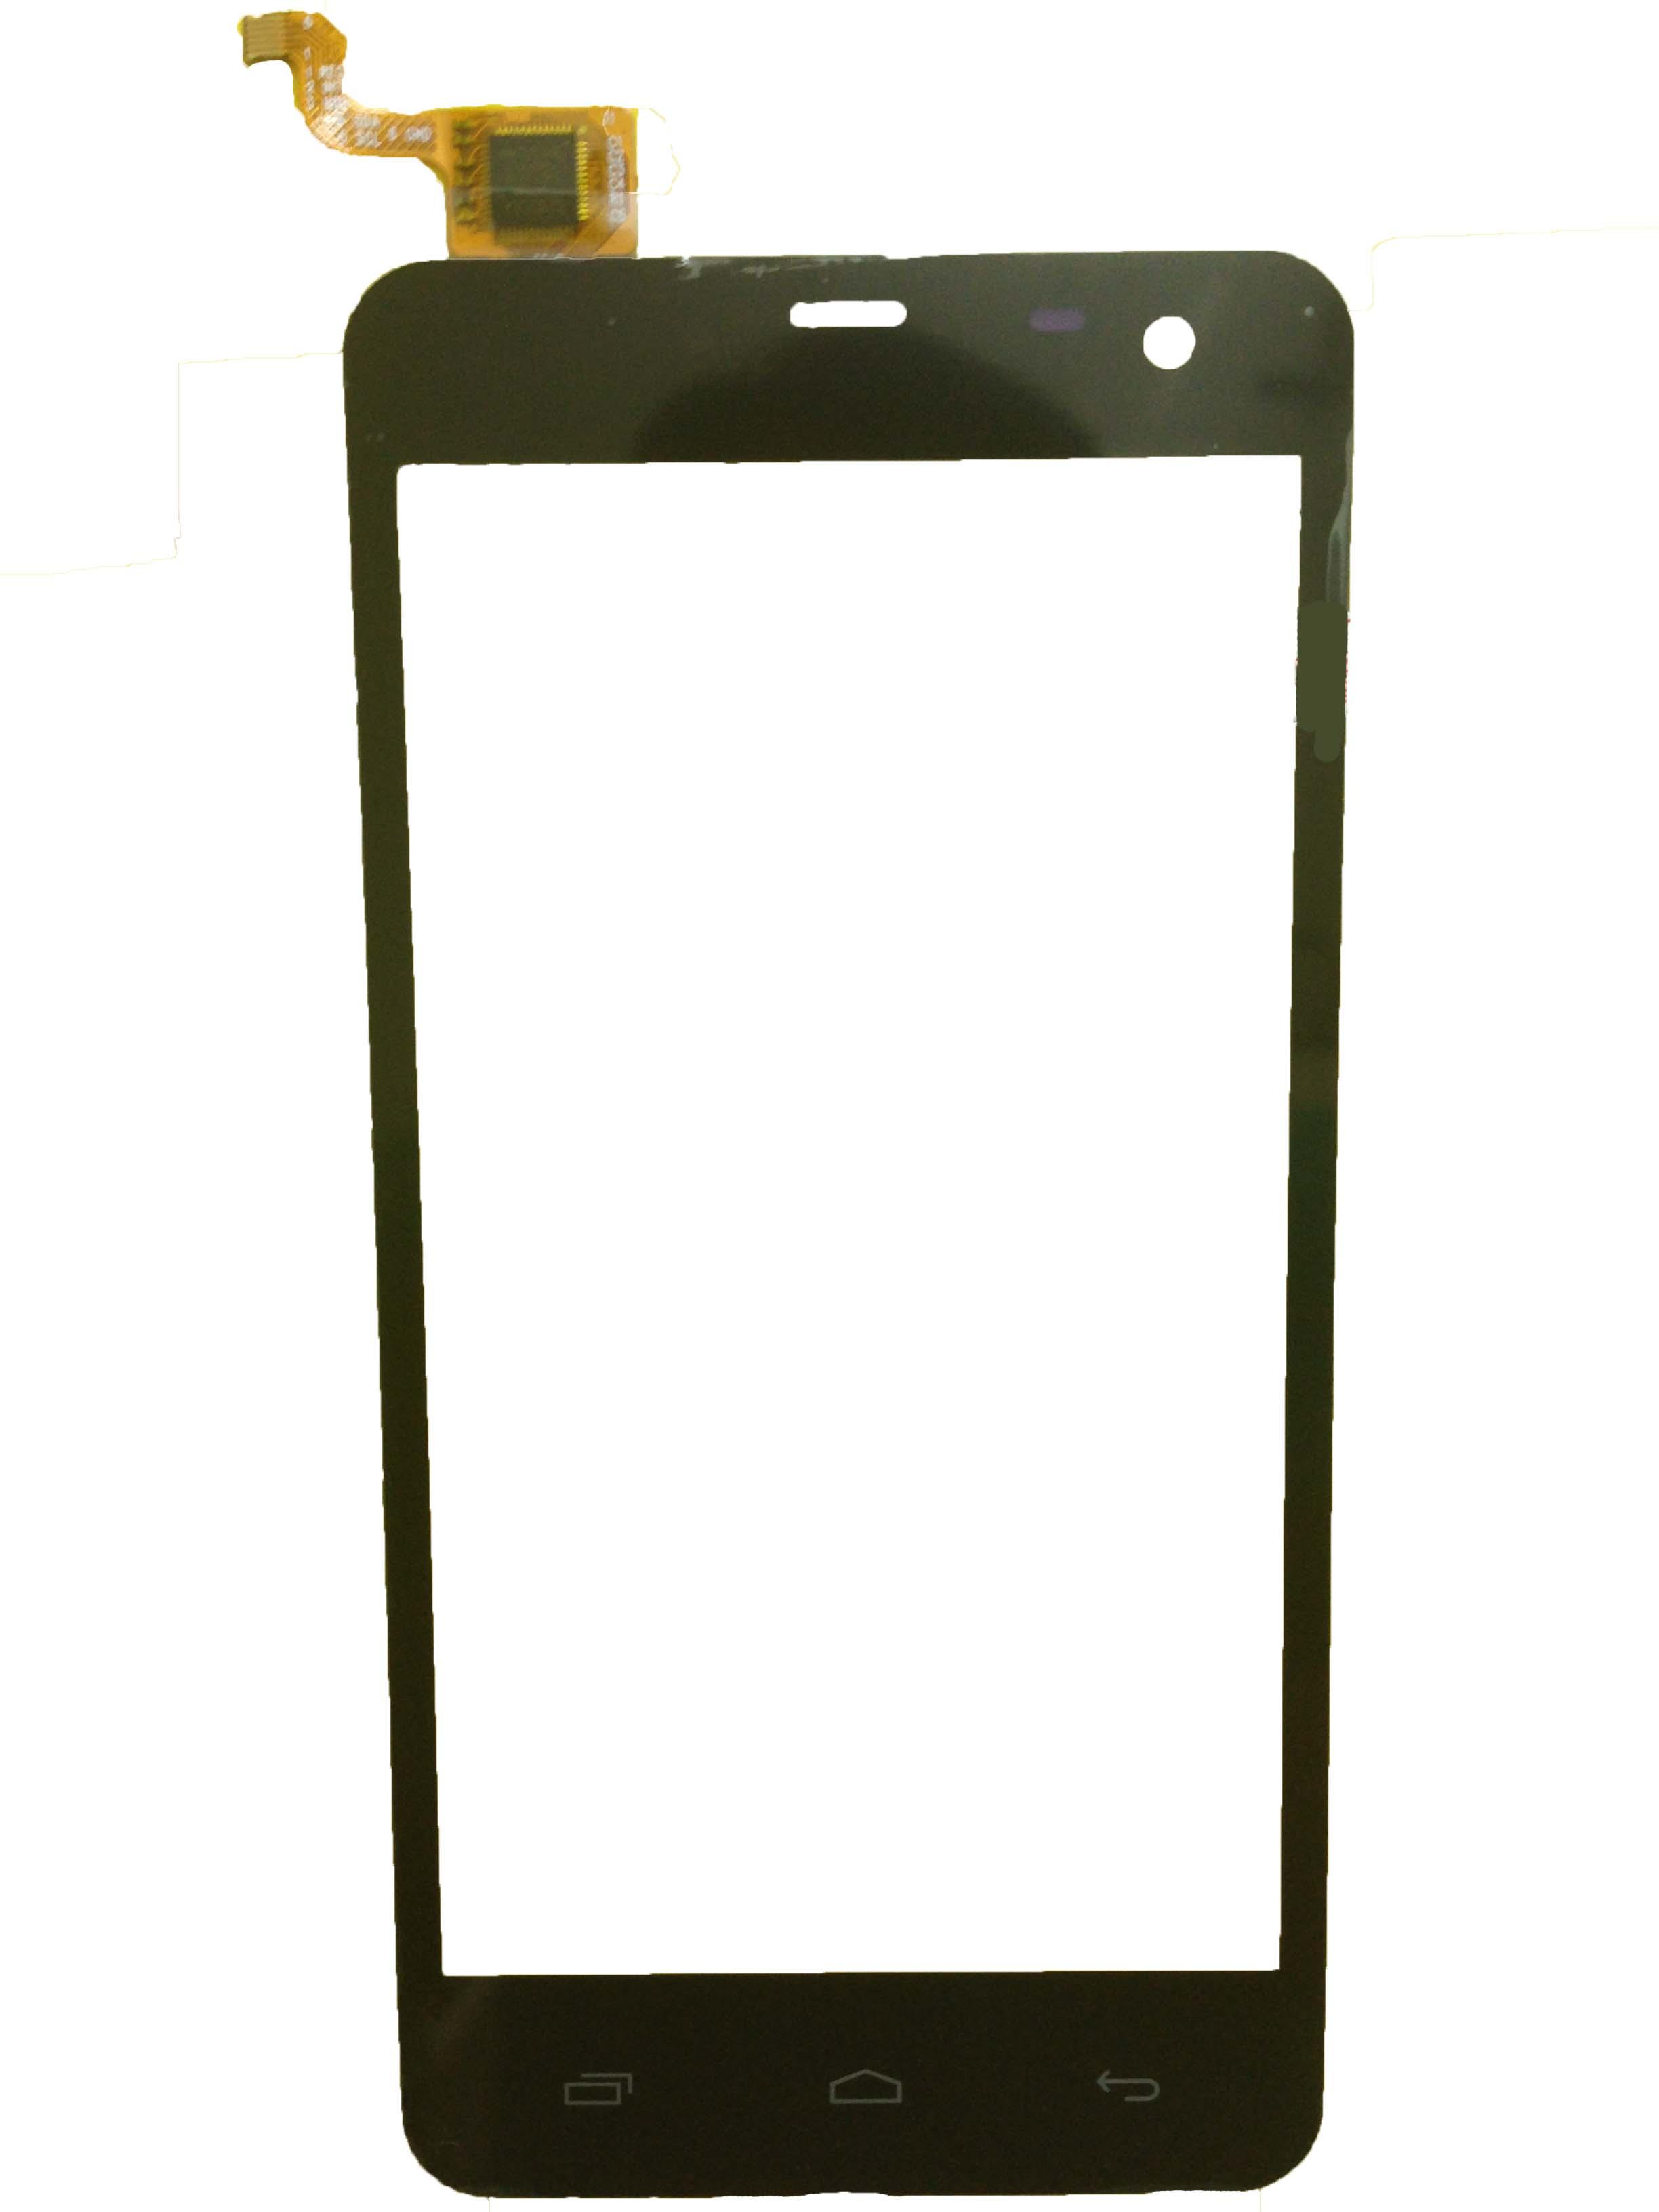 ซ่อมเปลี่ยนทัสกรีน i-Mobile iQ7.5 กระจกหน้าจอแตก ทัสกรีนกดไม่ได้